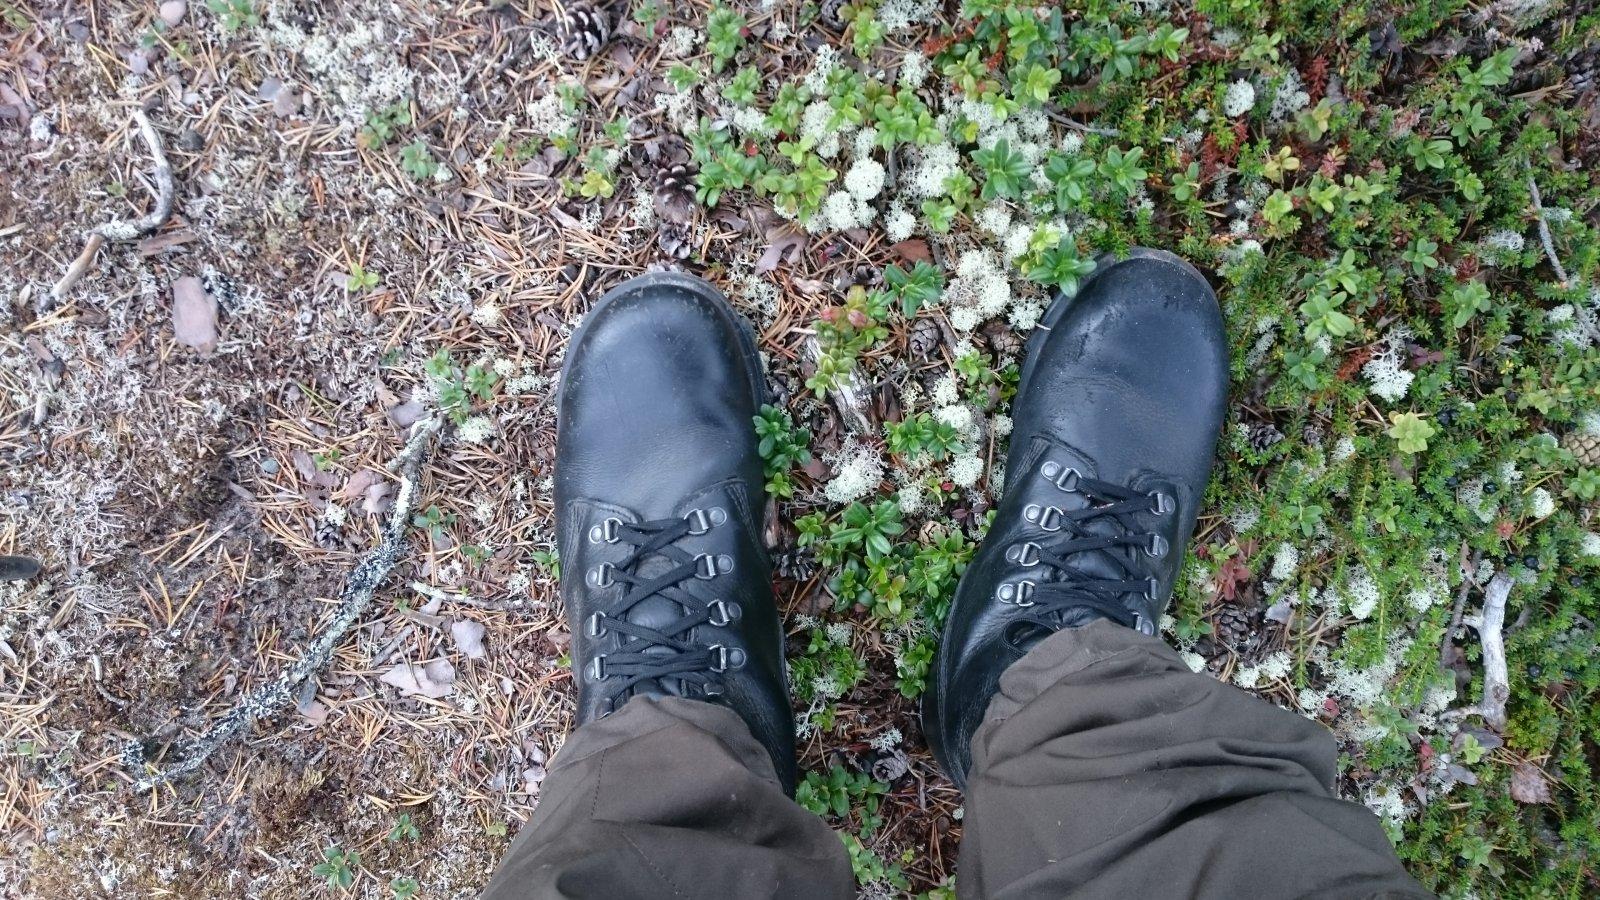 Helt enkle (!) støvler - finnes det  - Fottøy - Fjellforum 0277acbf76c63